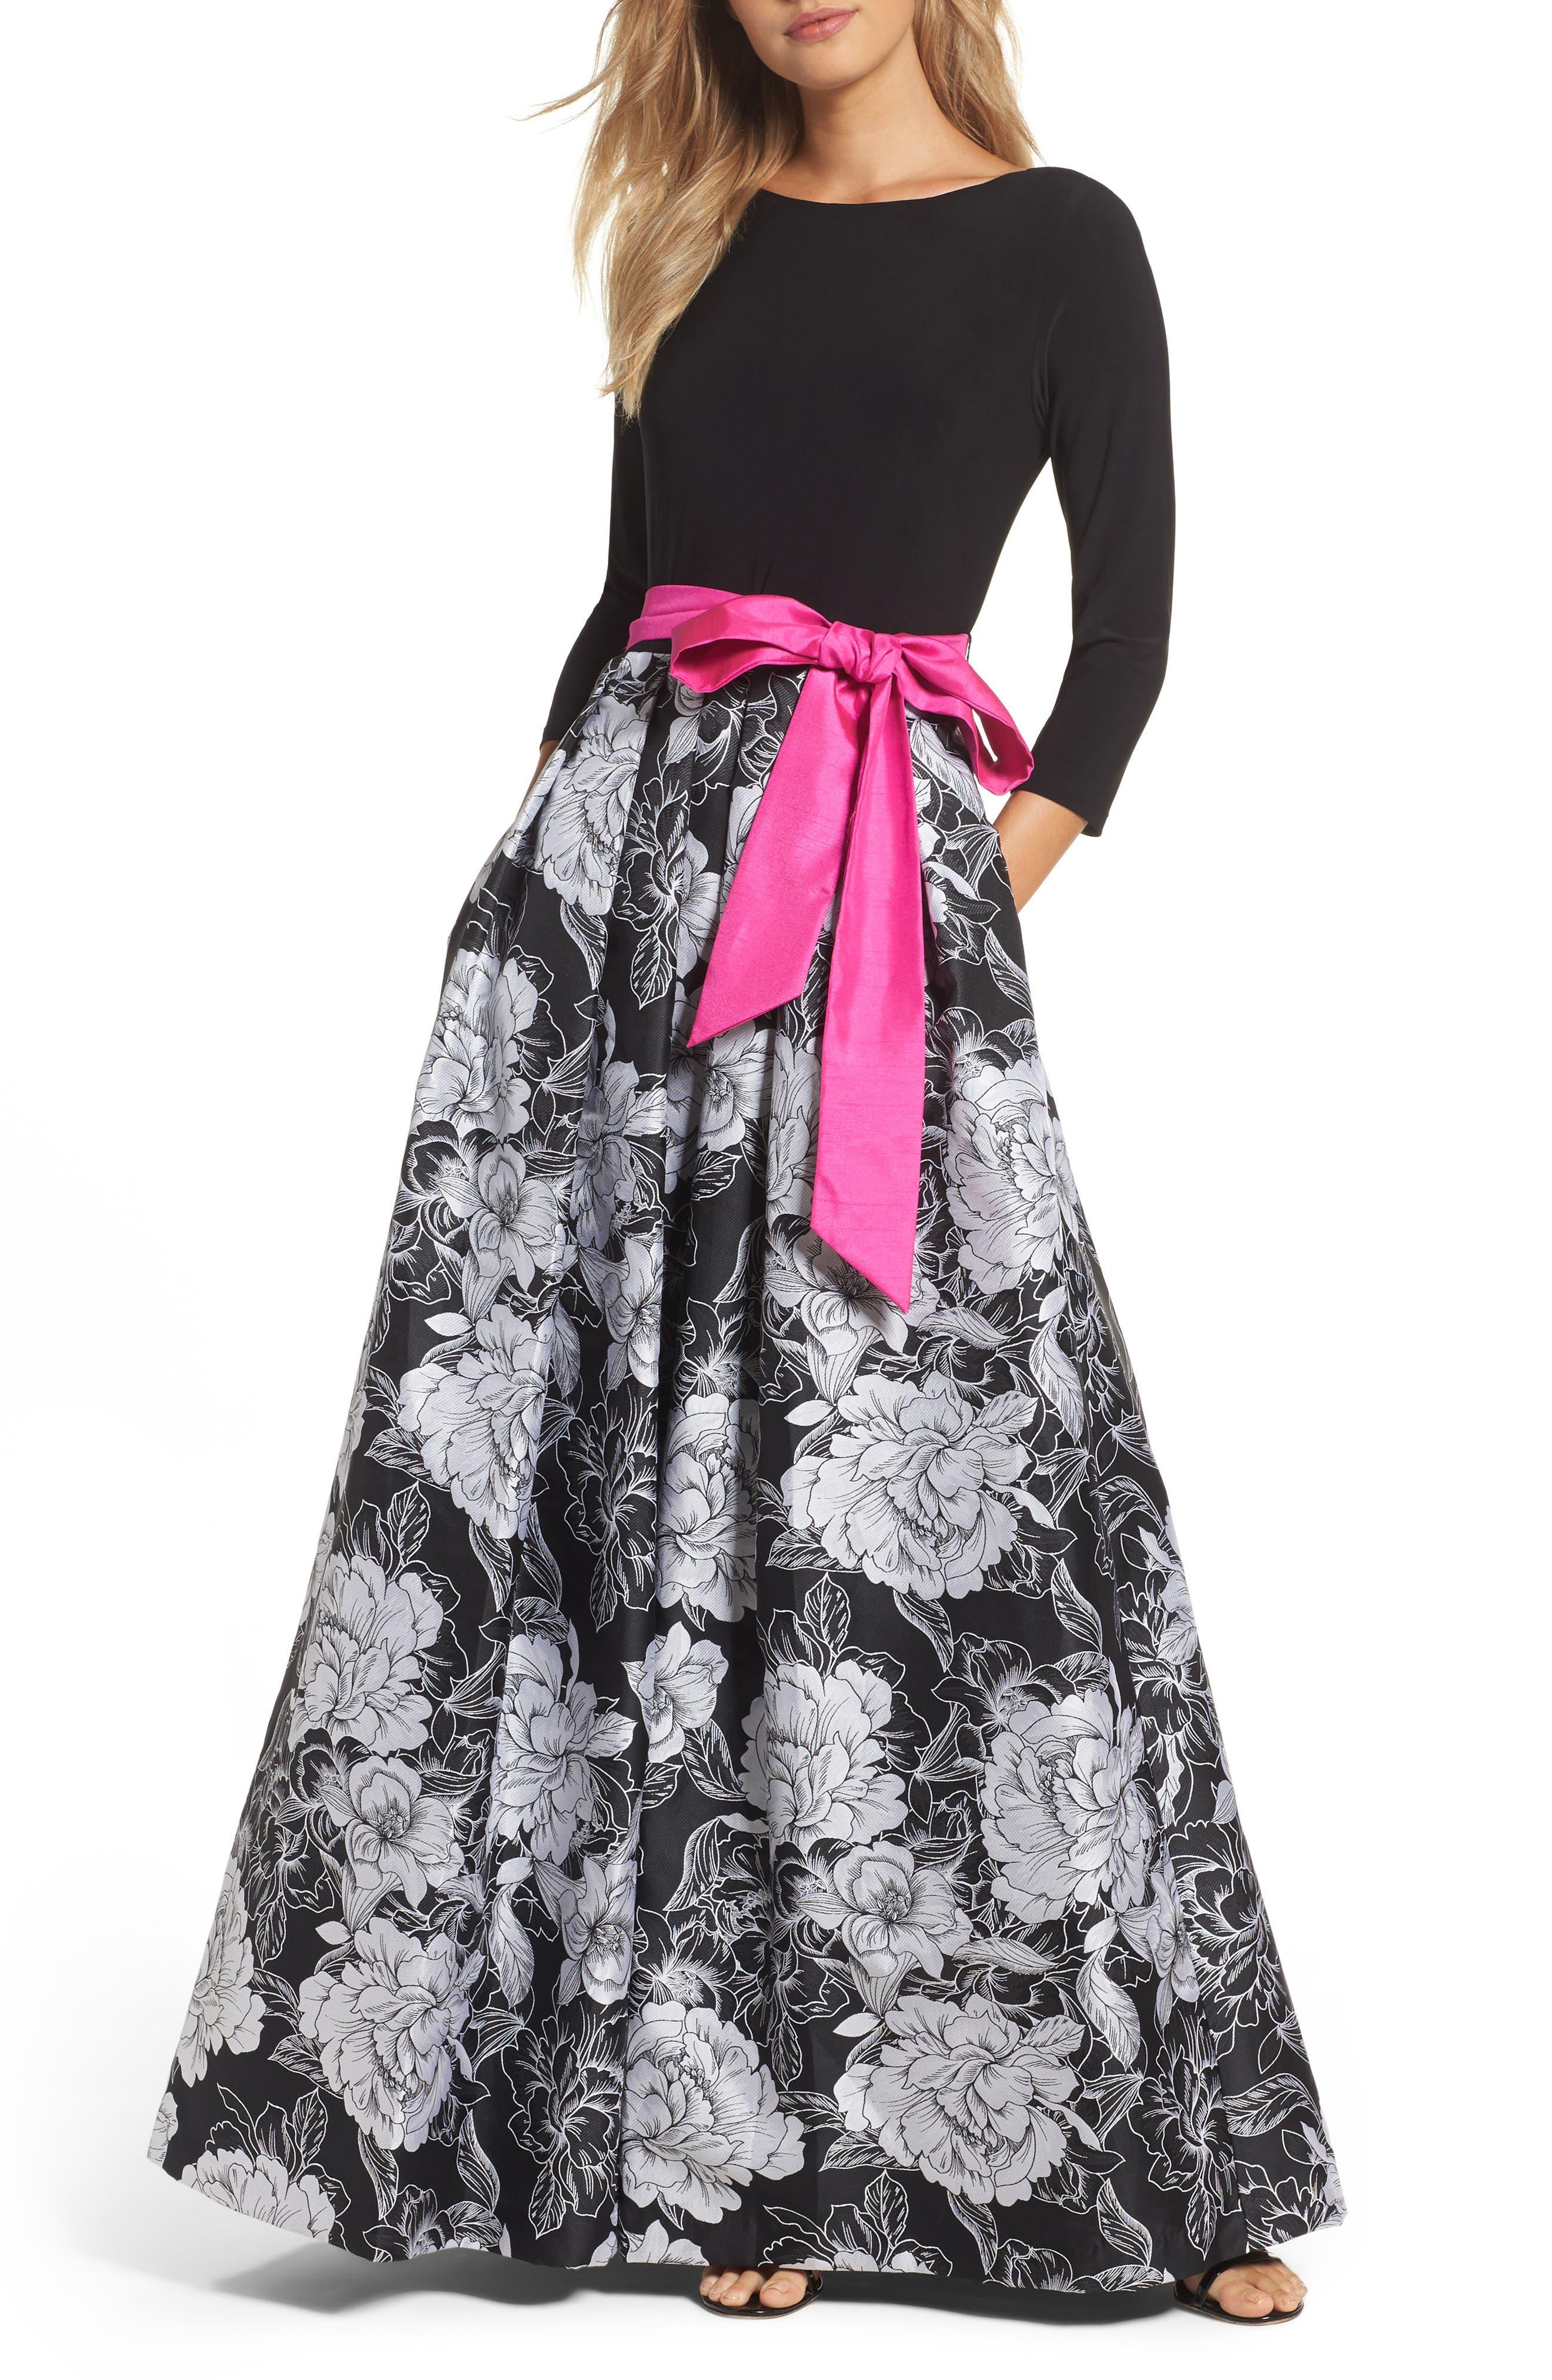 Eliza J Belted Floral Skirt Ballgown